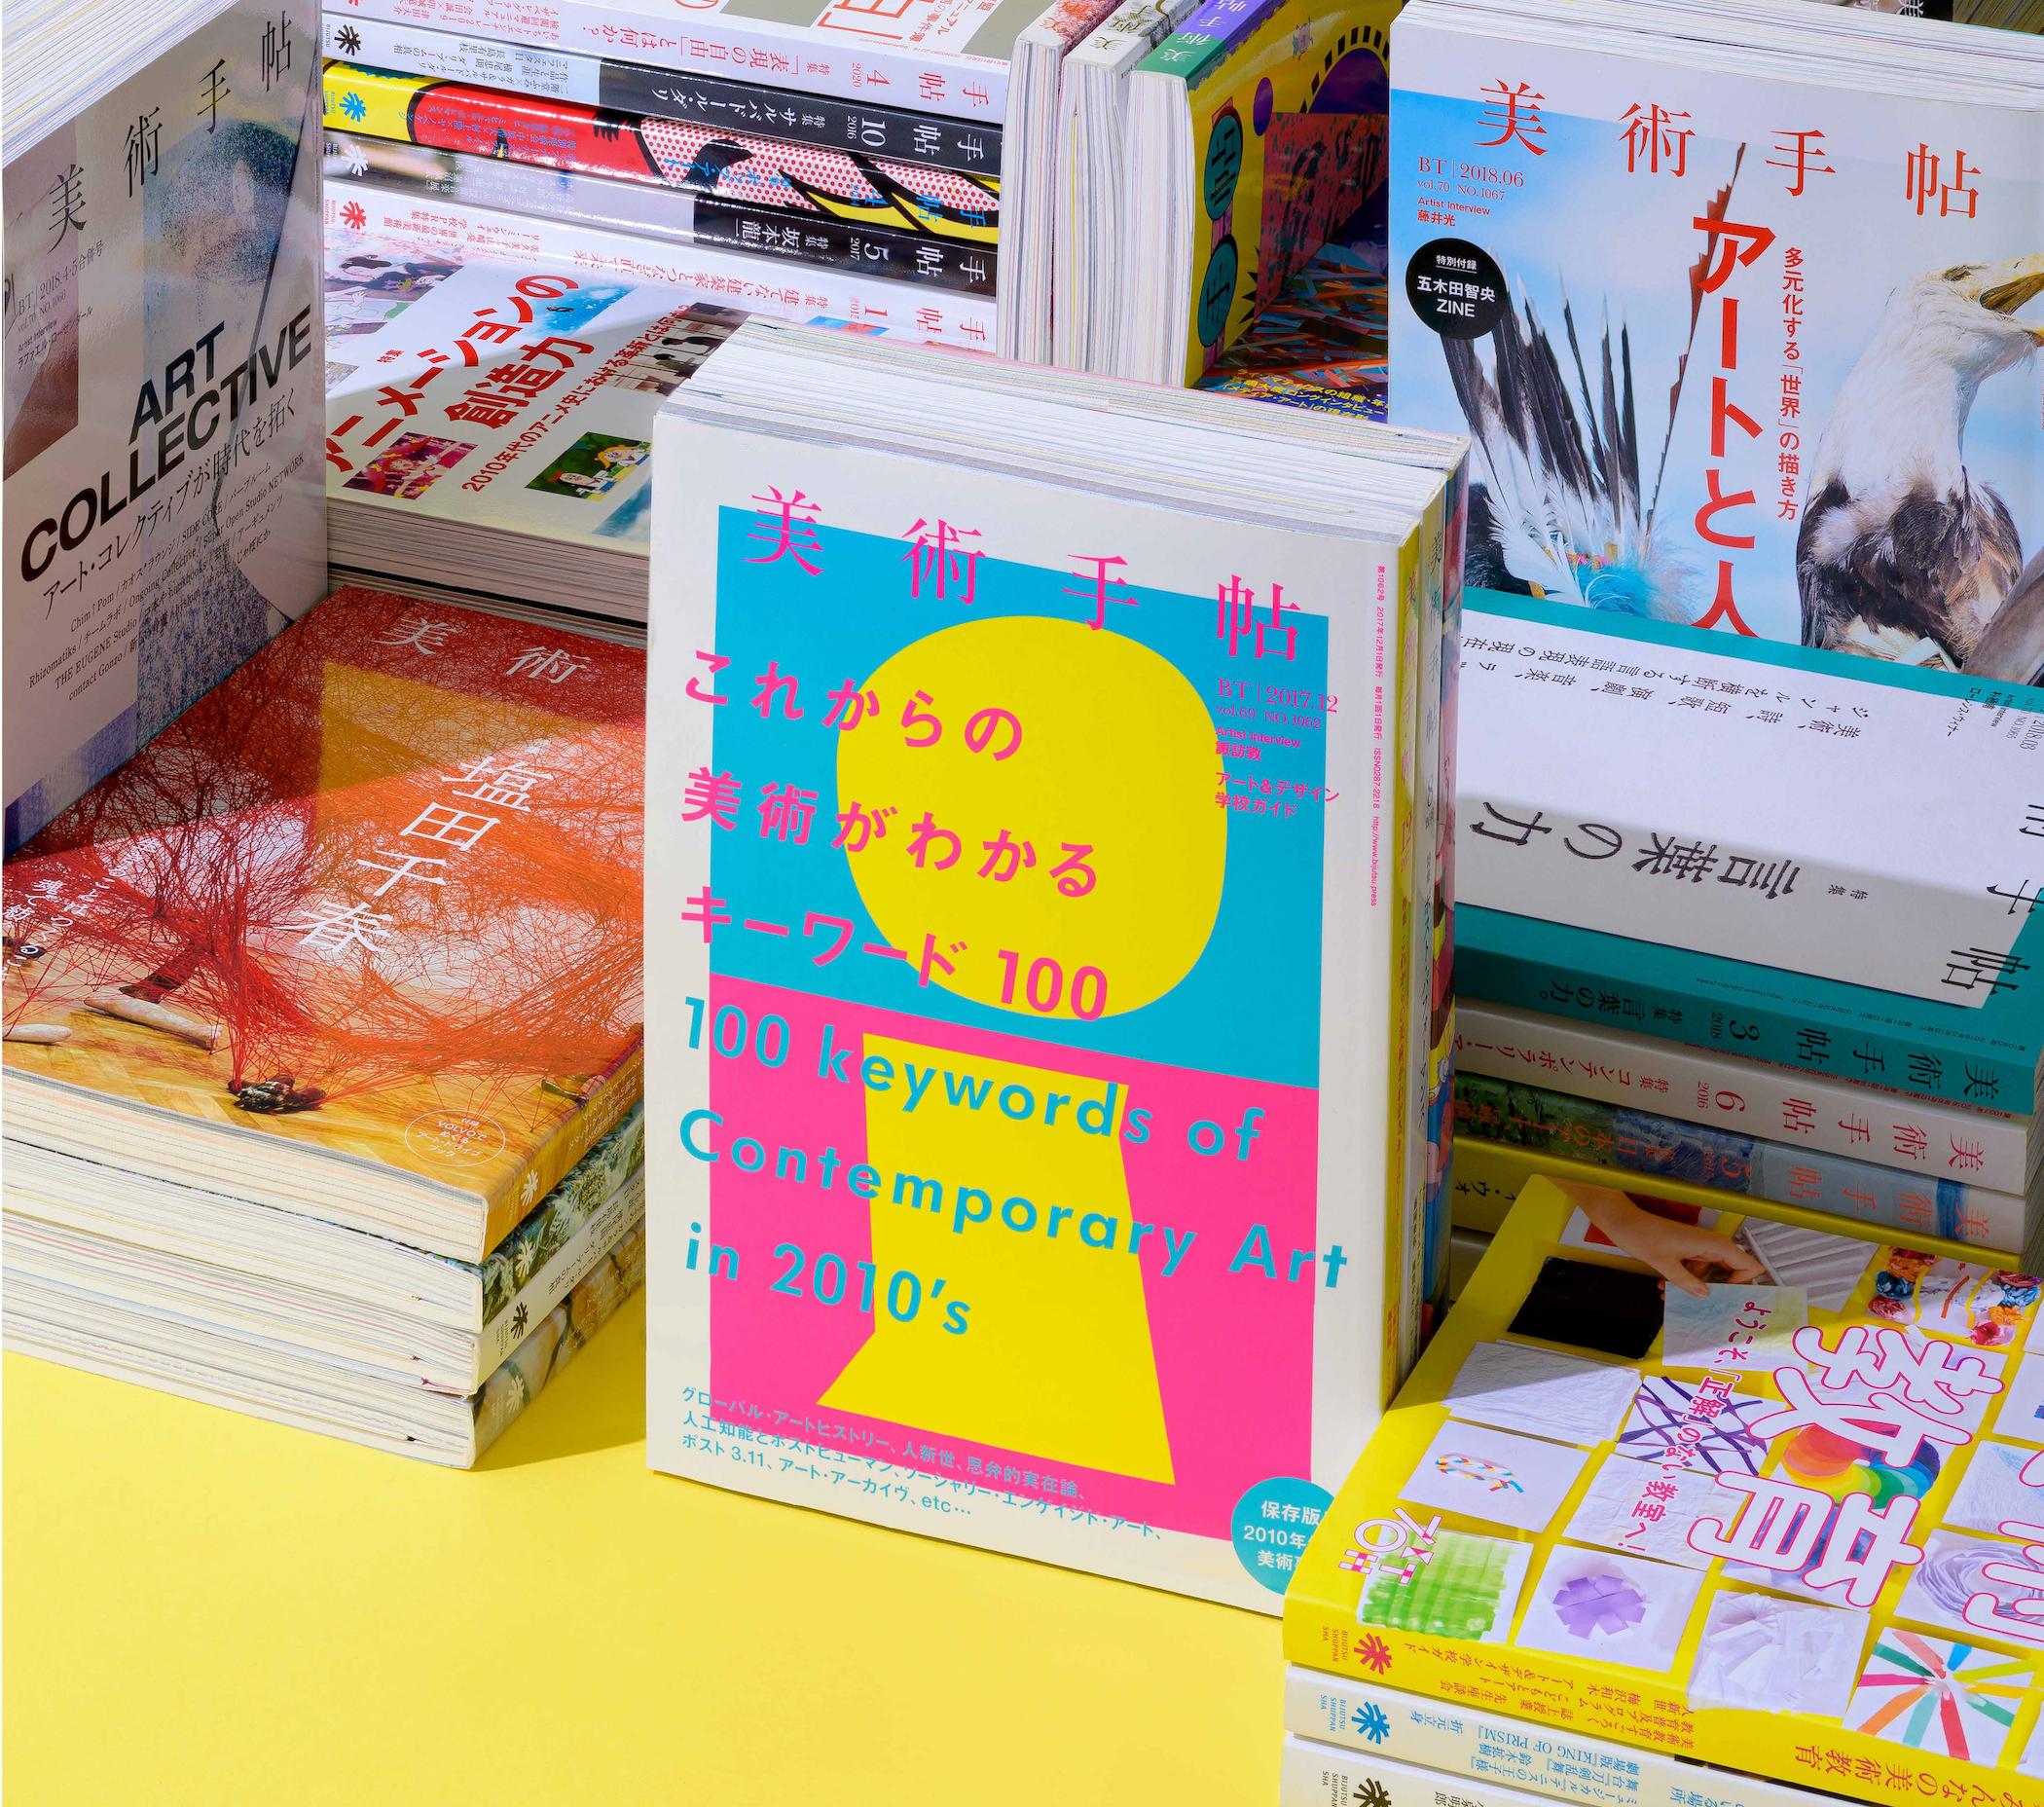 「美術手帖」を大人読み、2019年分を期間限定で無料公開